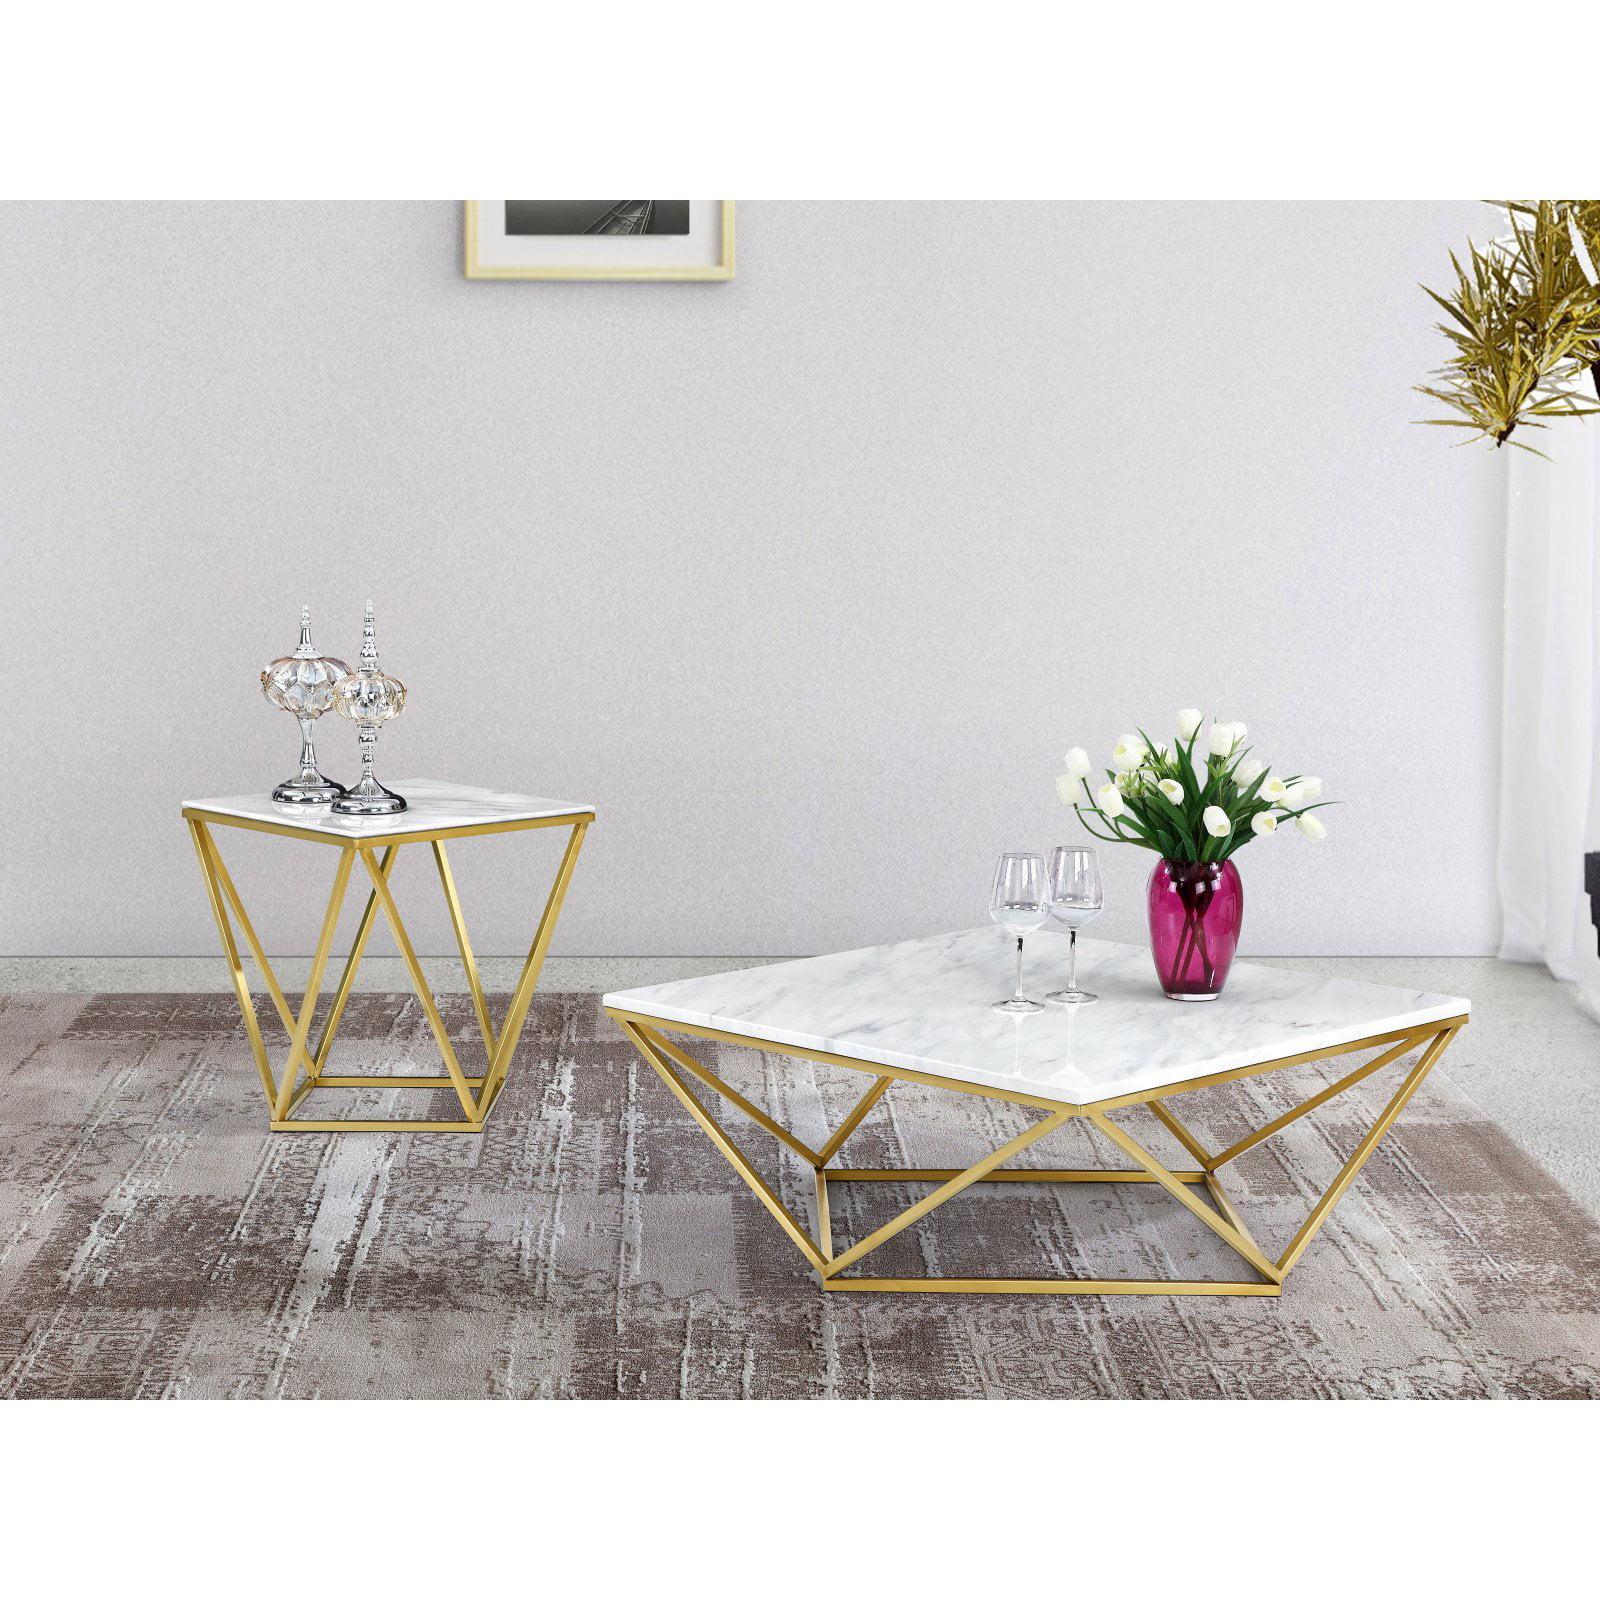 Meridian Furniture Inc Mason Gold Coffee table